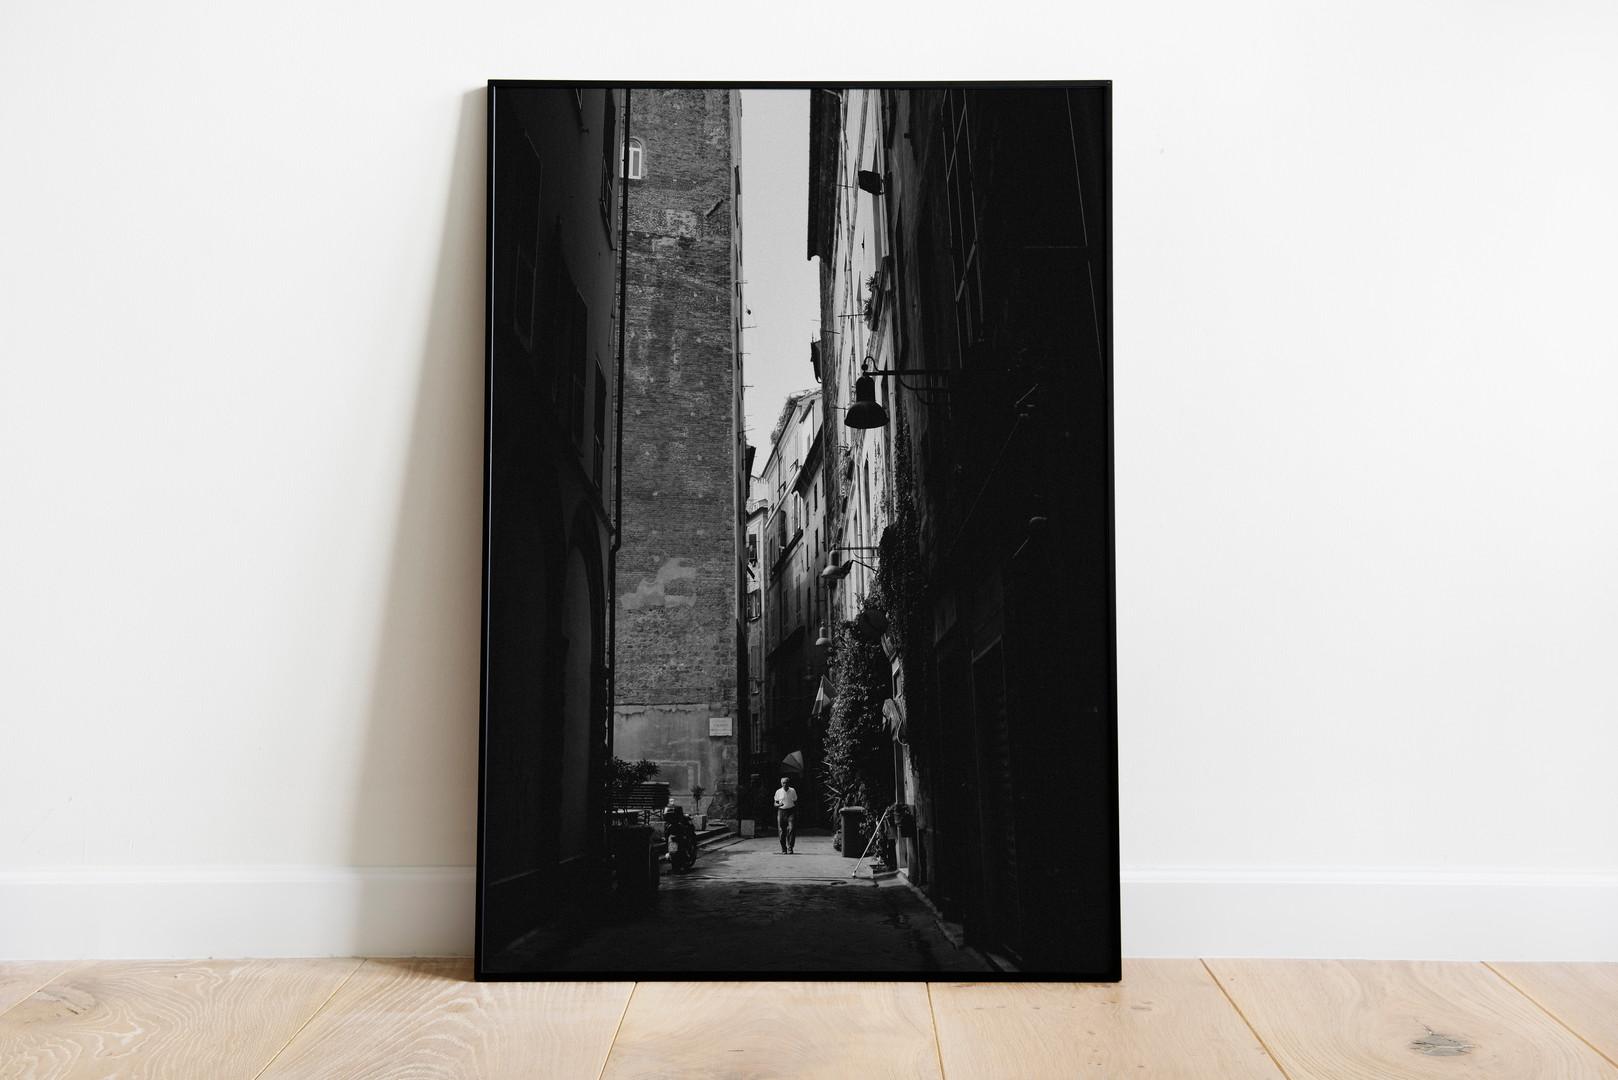 Sicily Poster Framed.jpg